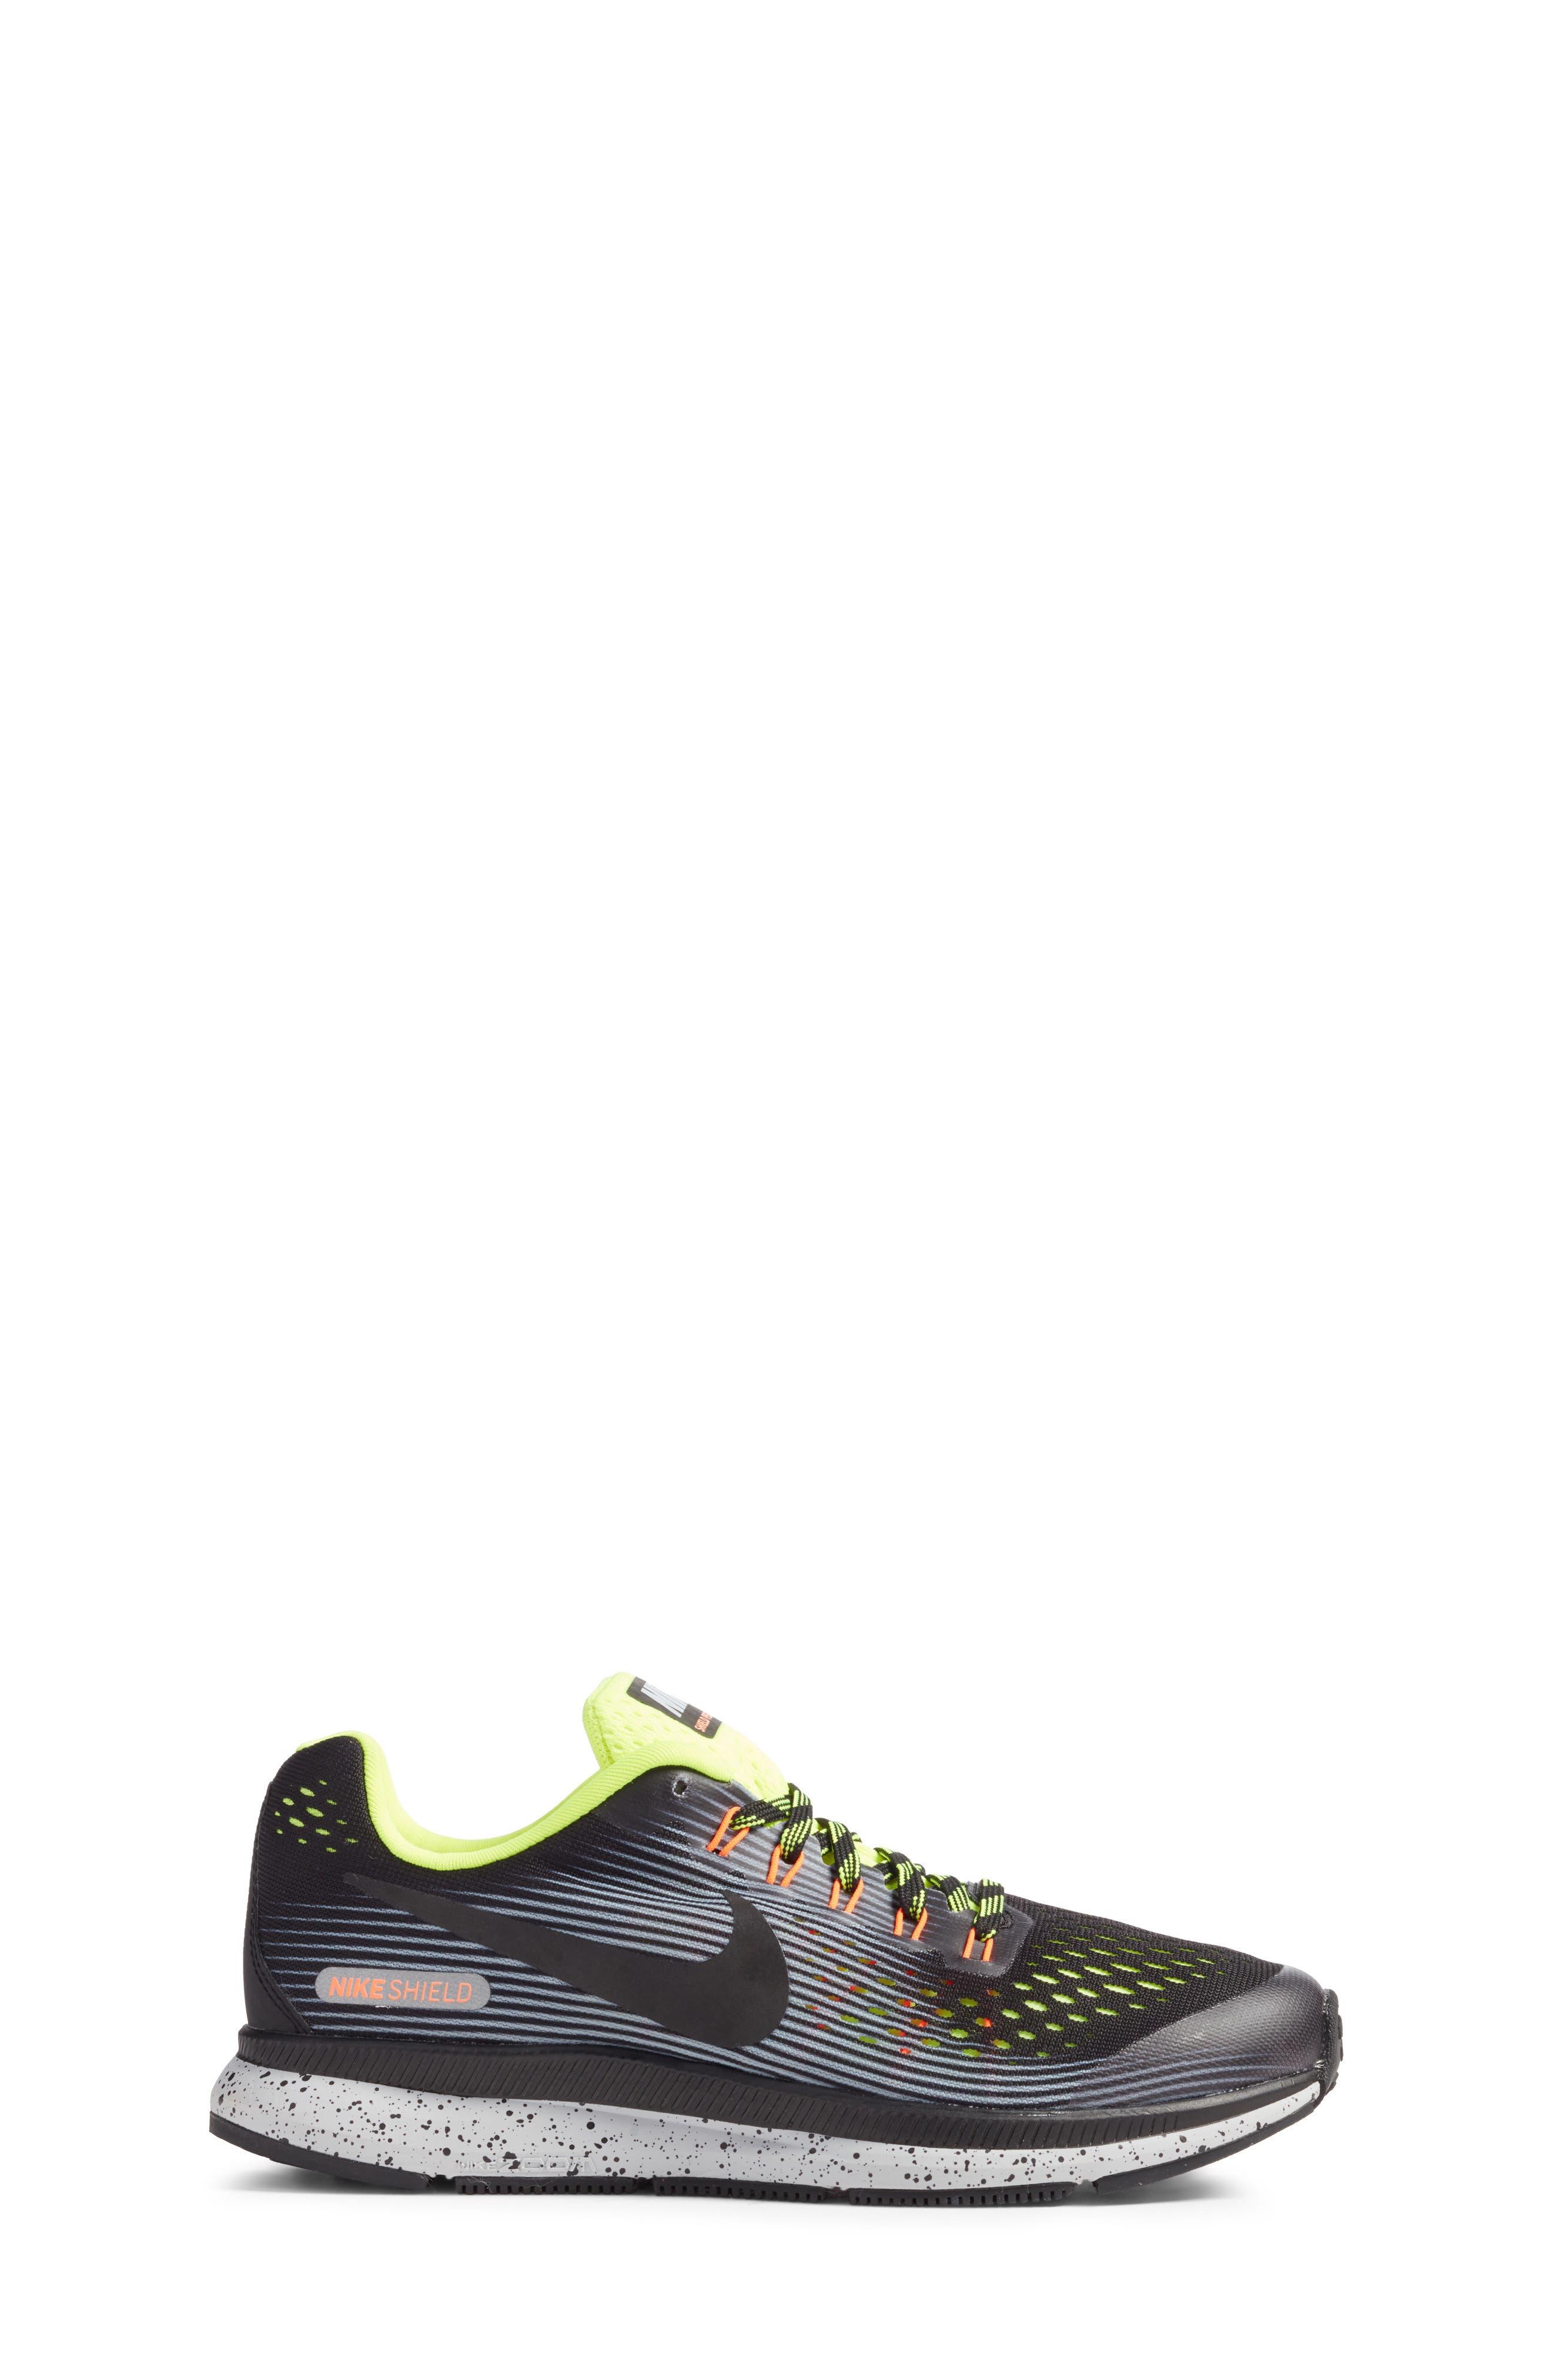 Zoom Pegasus 34 Water Repellent Shield Sneaker,                             Alternate thumbnail 3, color,                             001